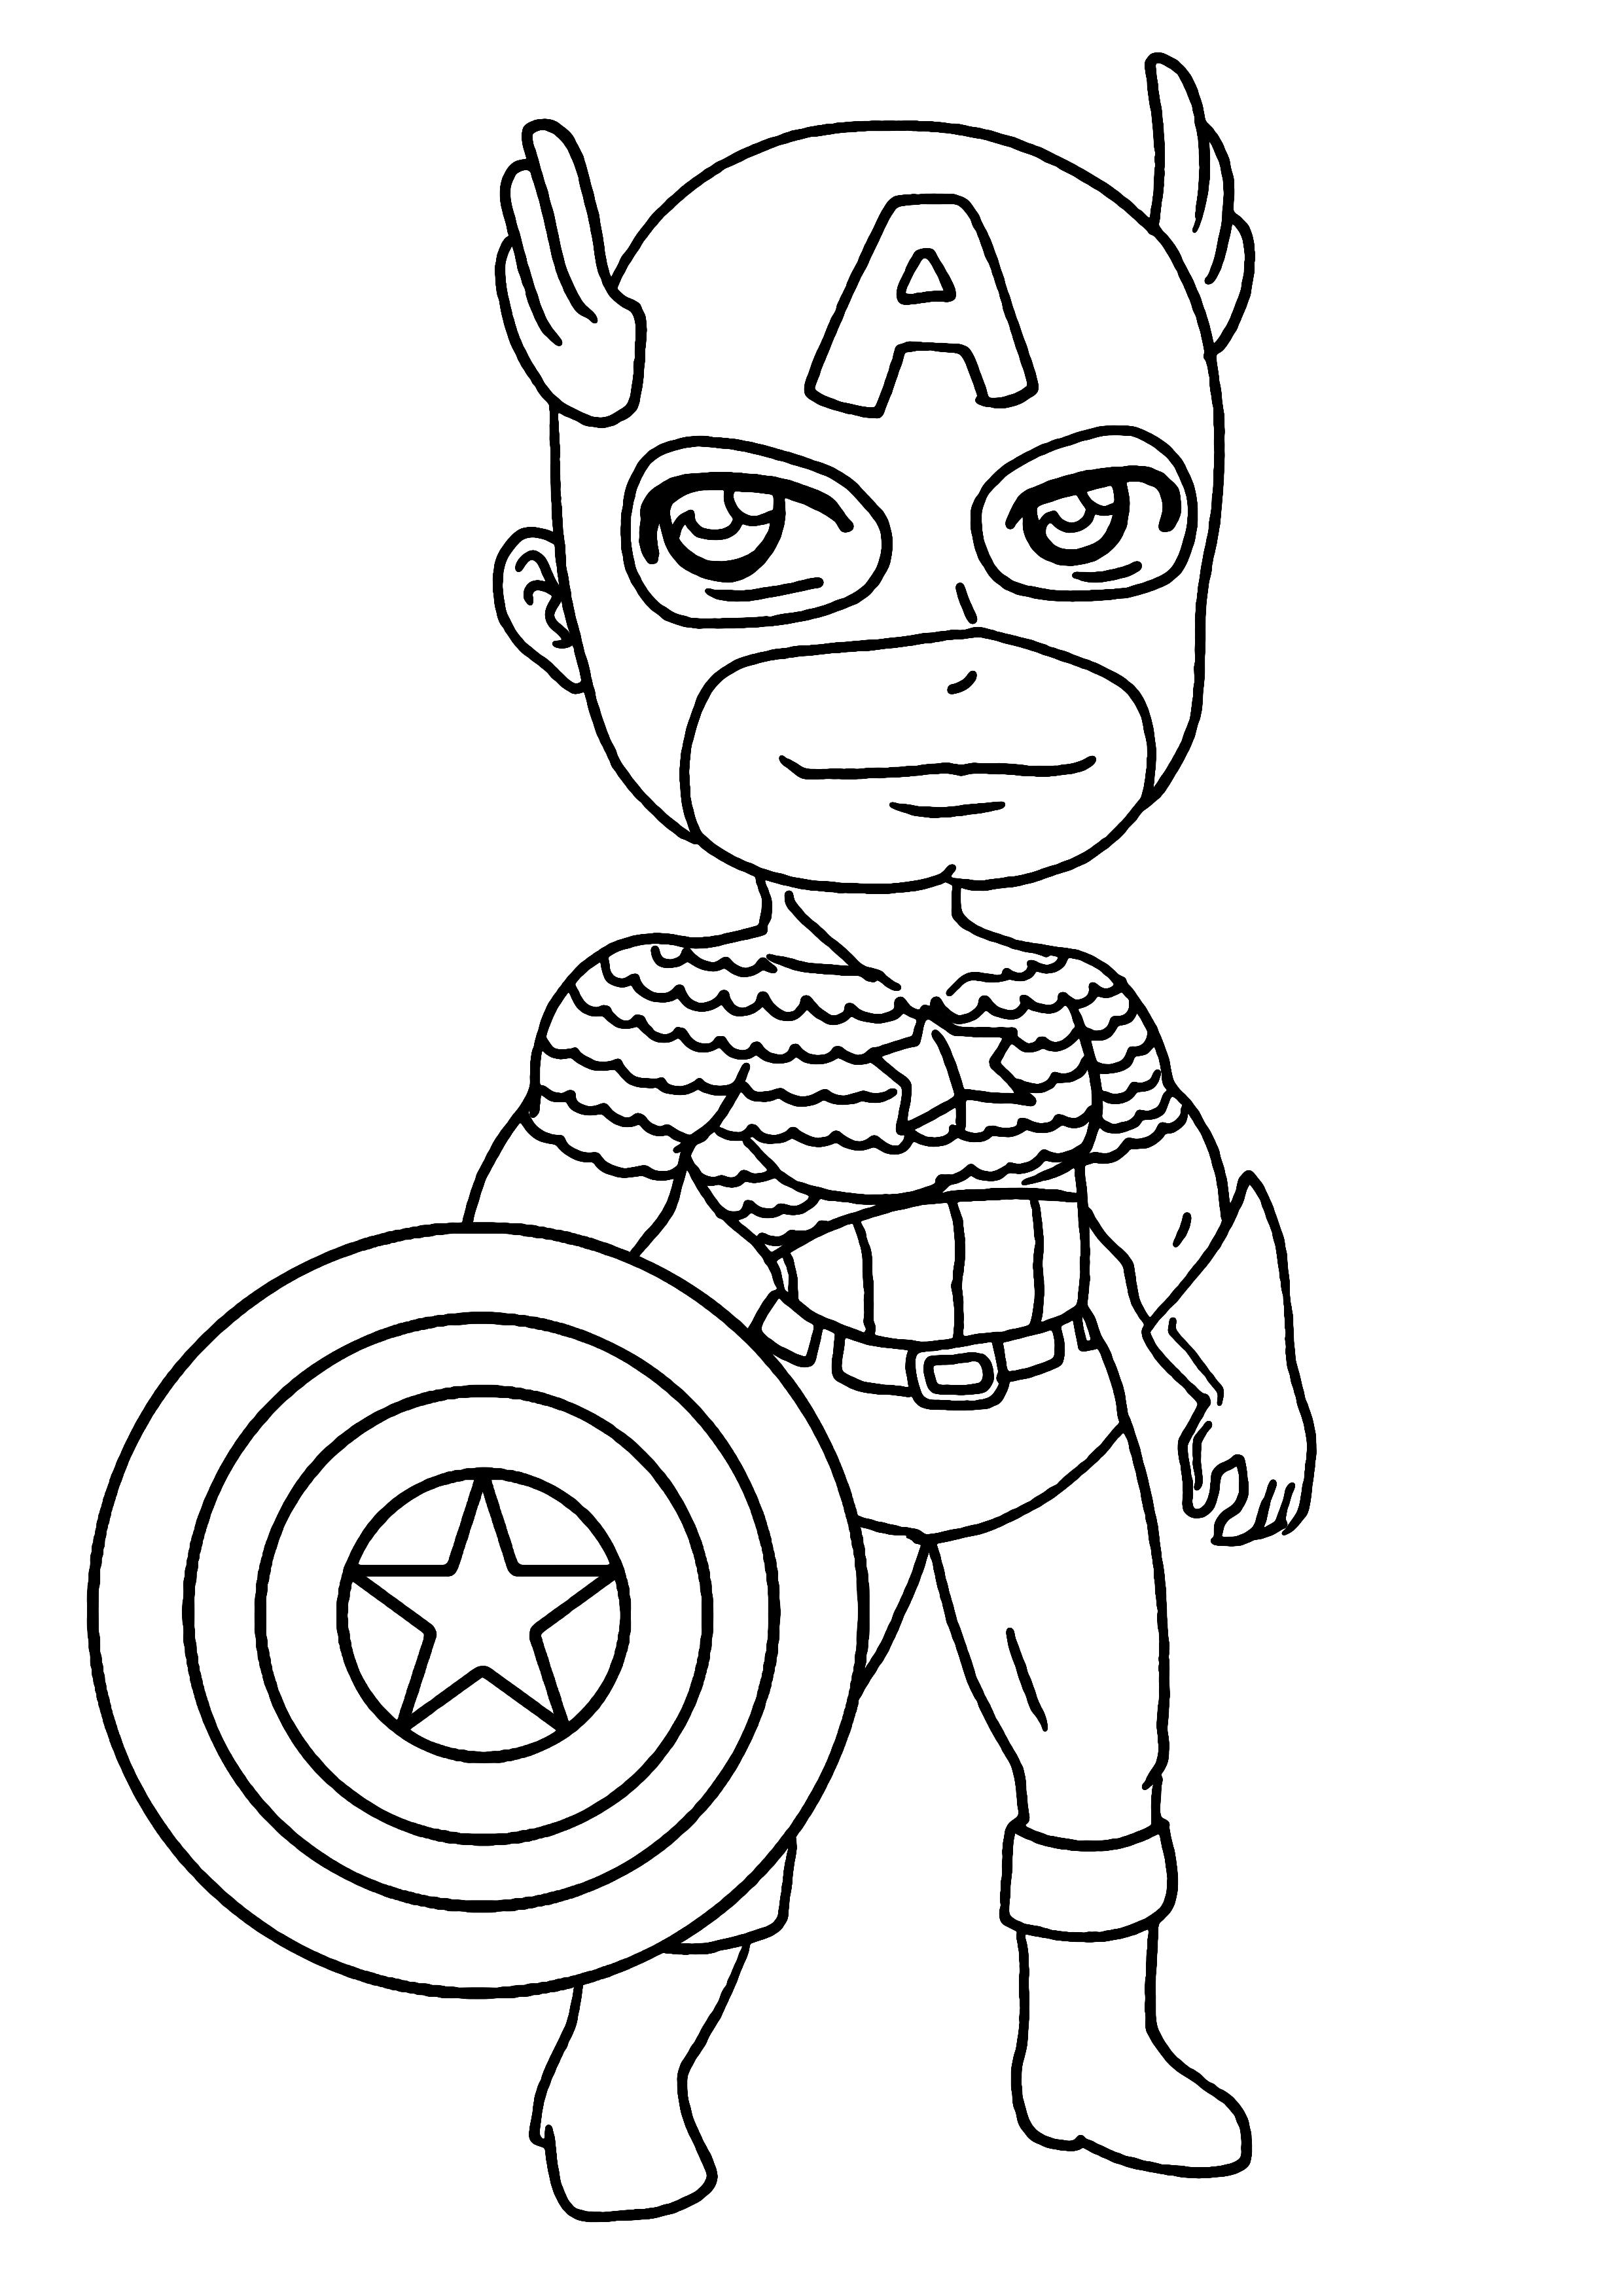 171 dibujos de Superhéroes para colorear | Oh Kids | Page 16